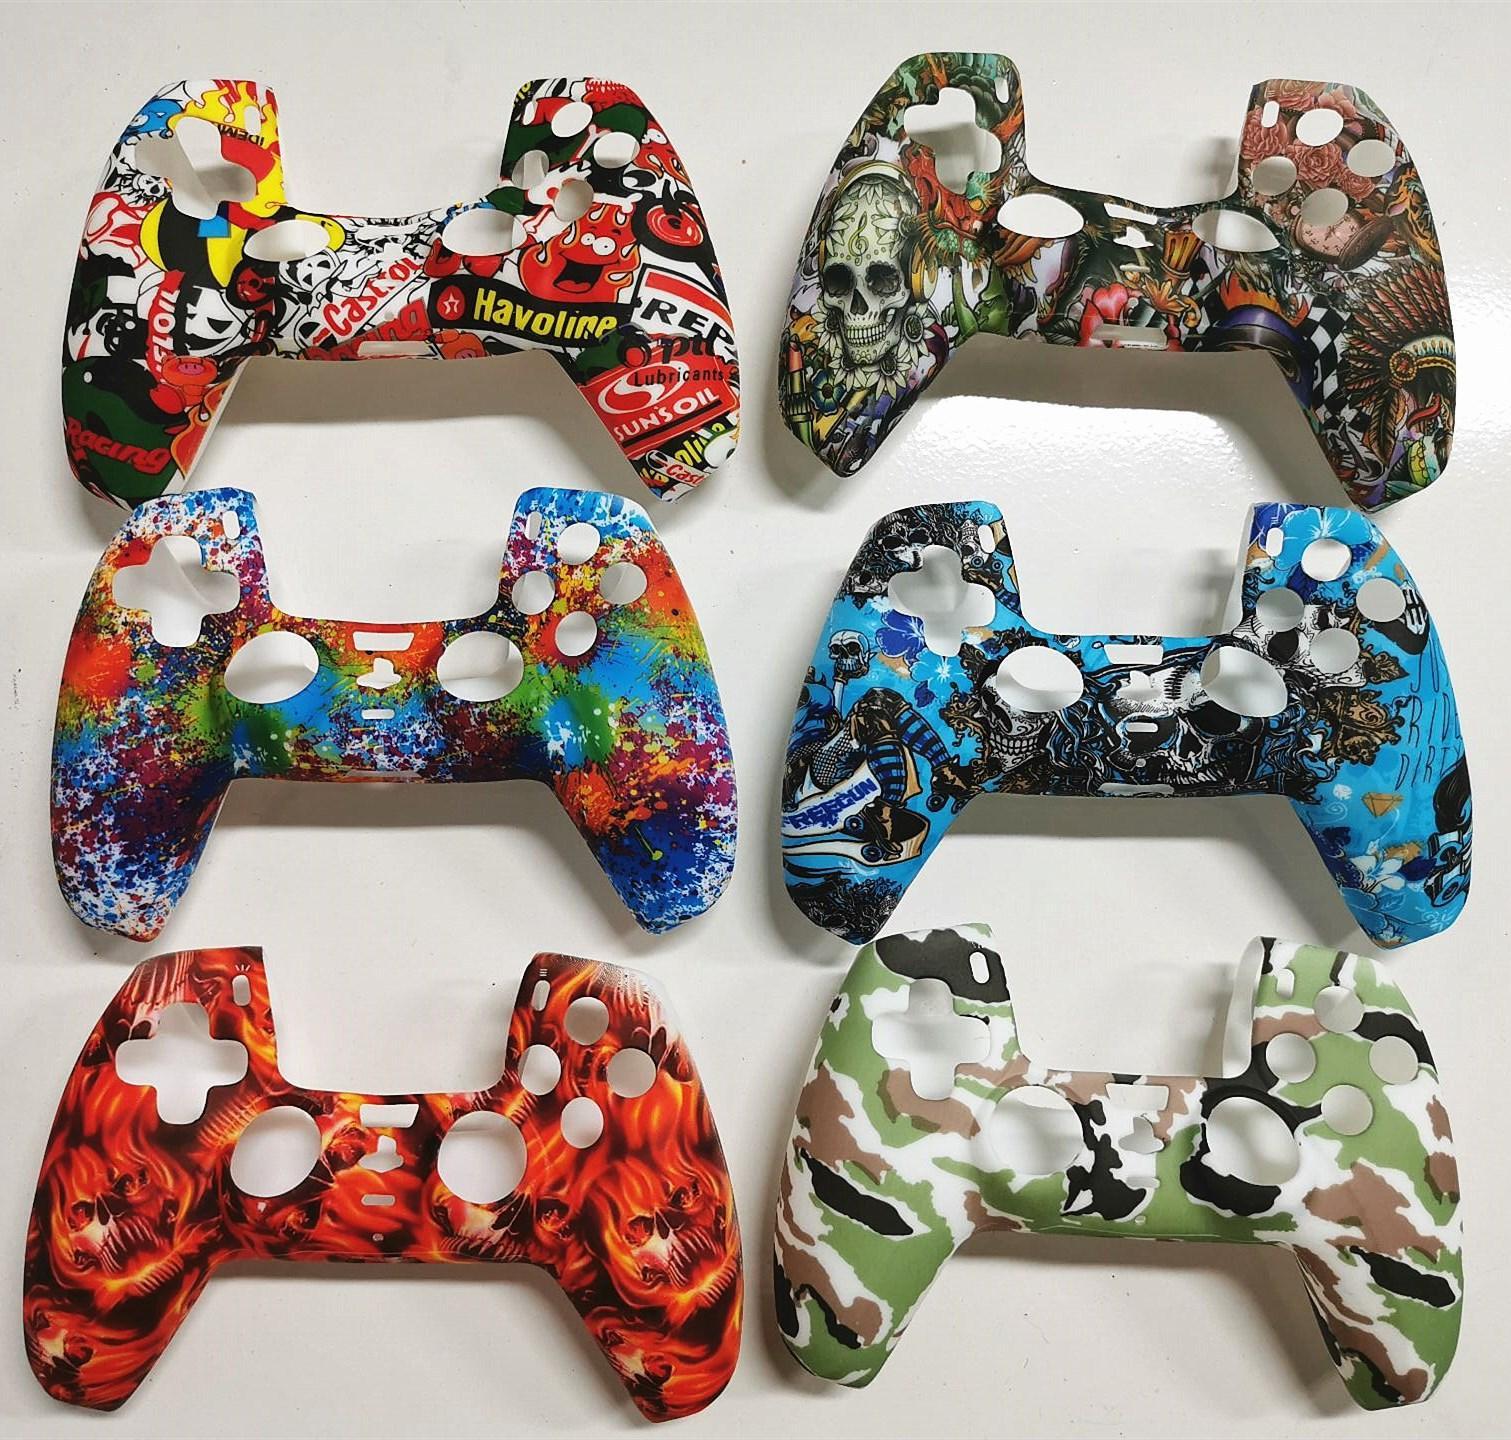 위장 PS5 게임 컨트롤러 플레이 스테이션 5 Gamepad 보호 커버 용 다채로운 소프트 실리콘 케이스 무료 배송